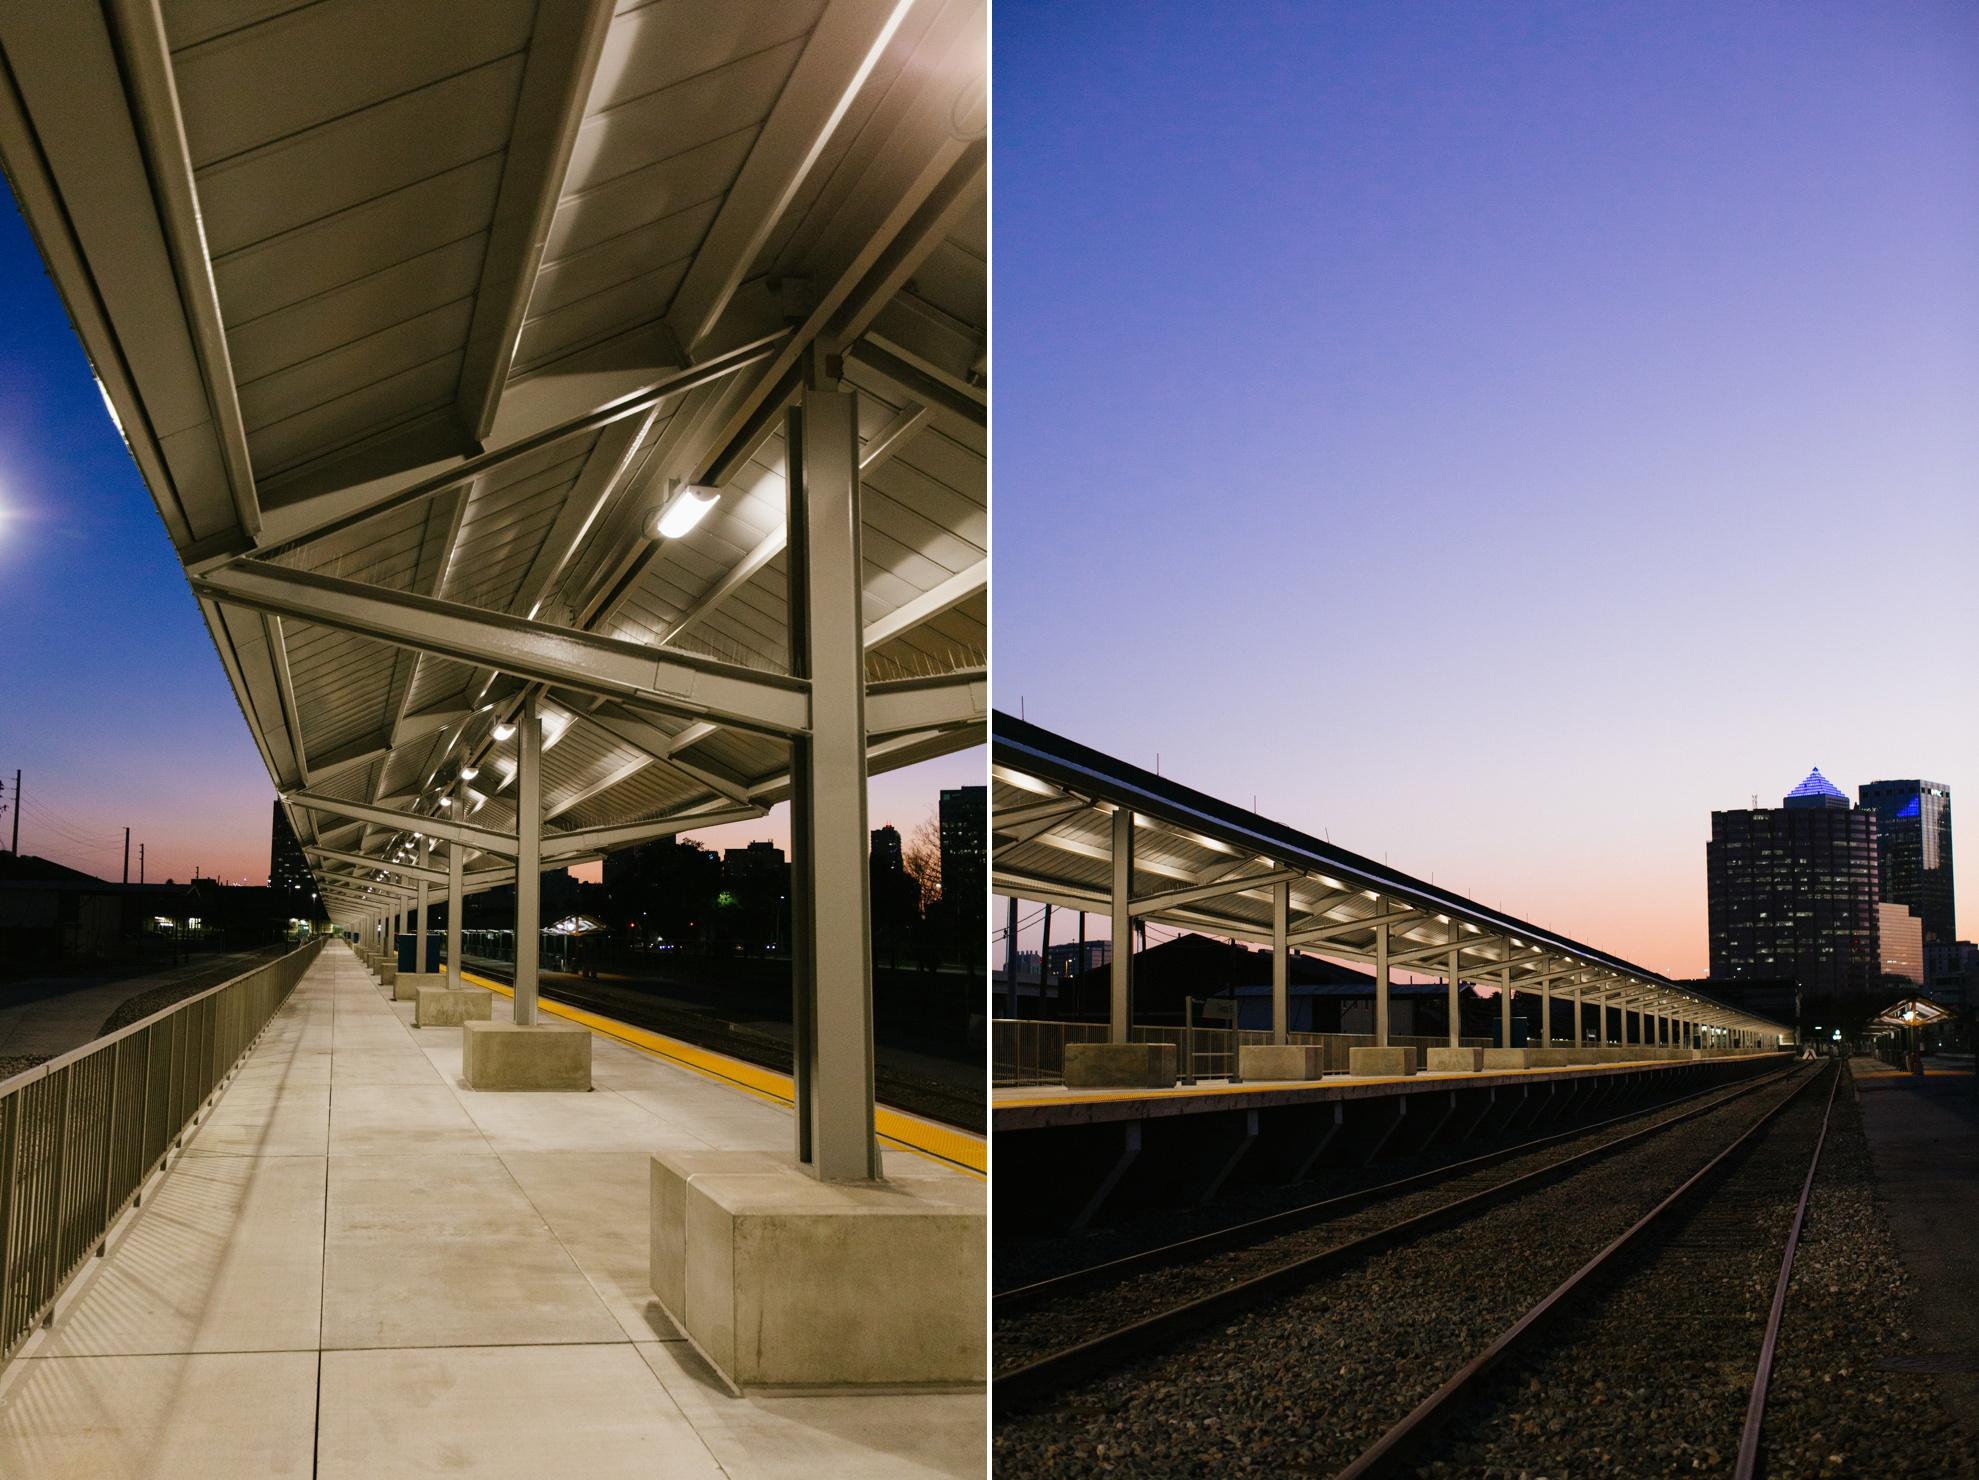 Amtrak Union Station